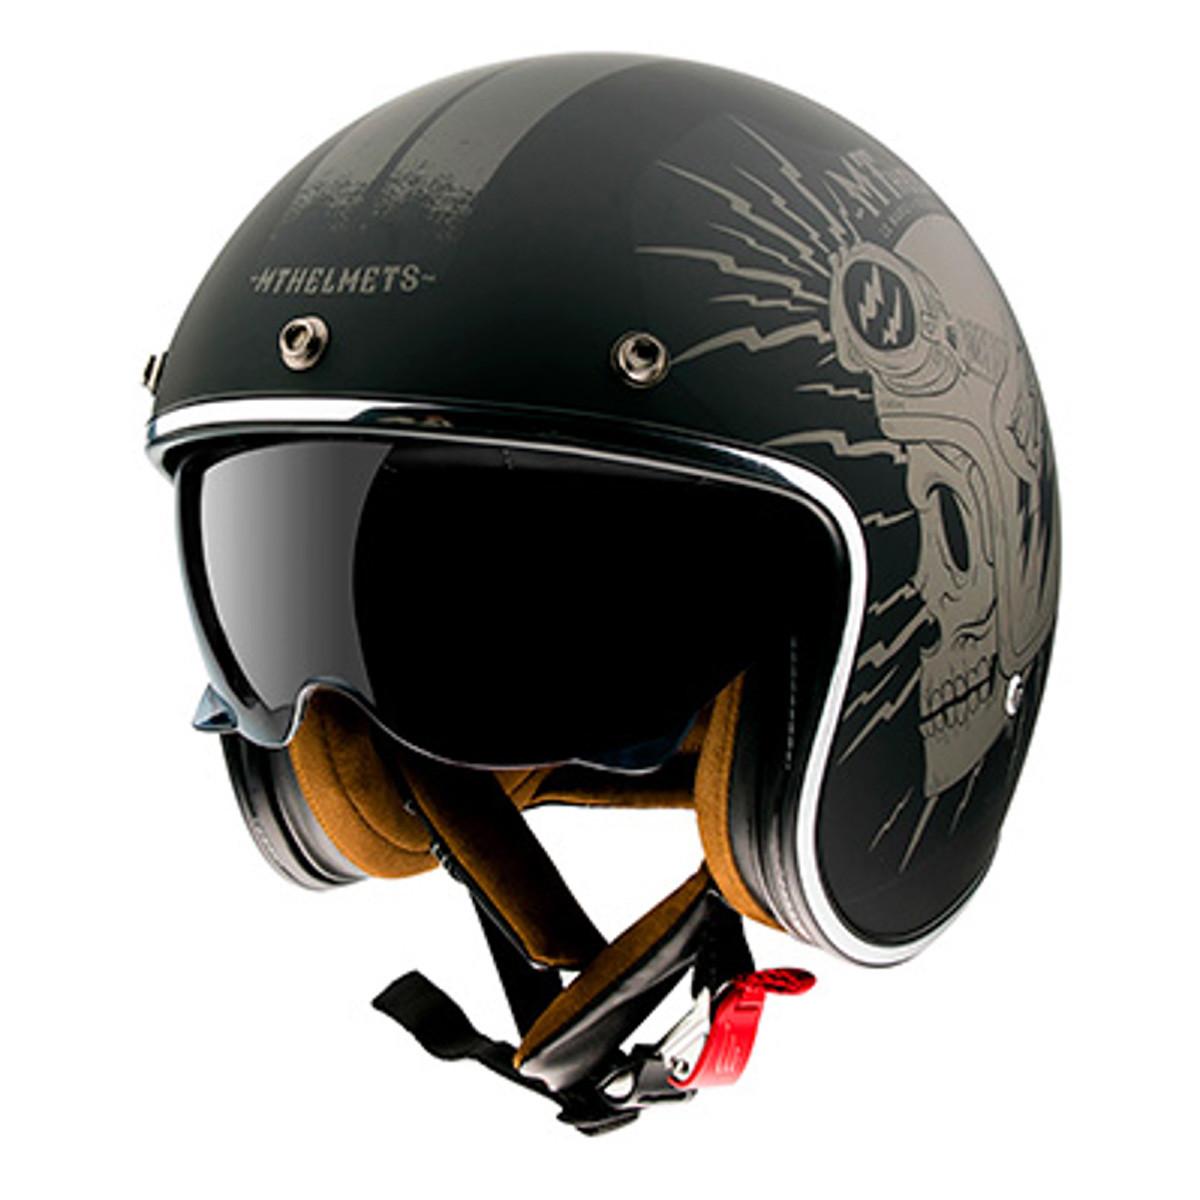 Casque Jet - MT Le Mans 2 SV Diler - Gris Mat